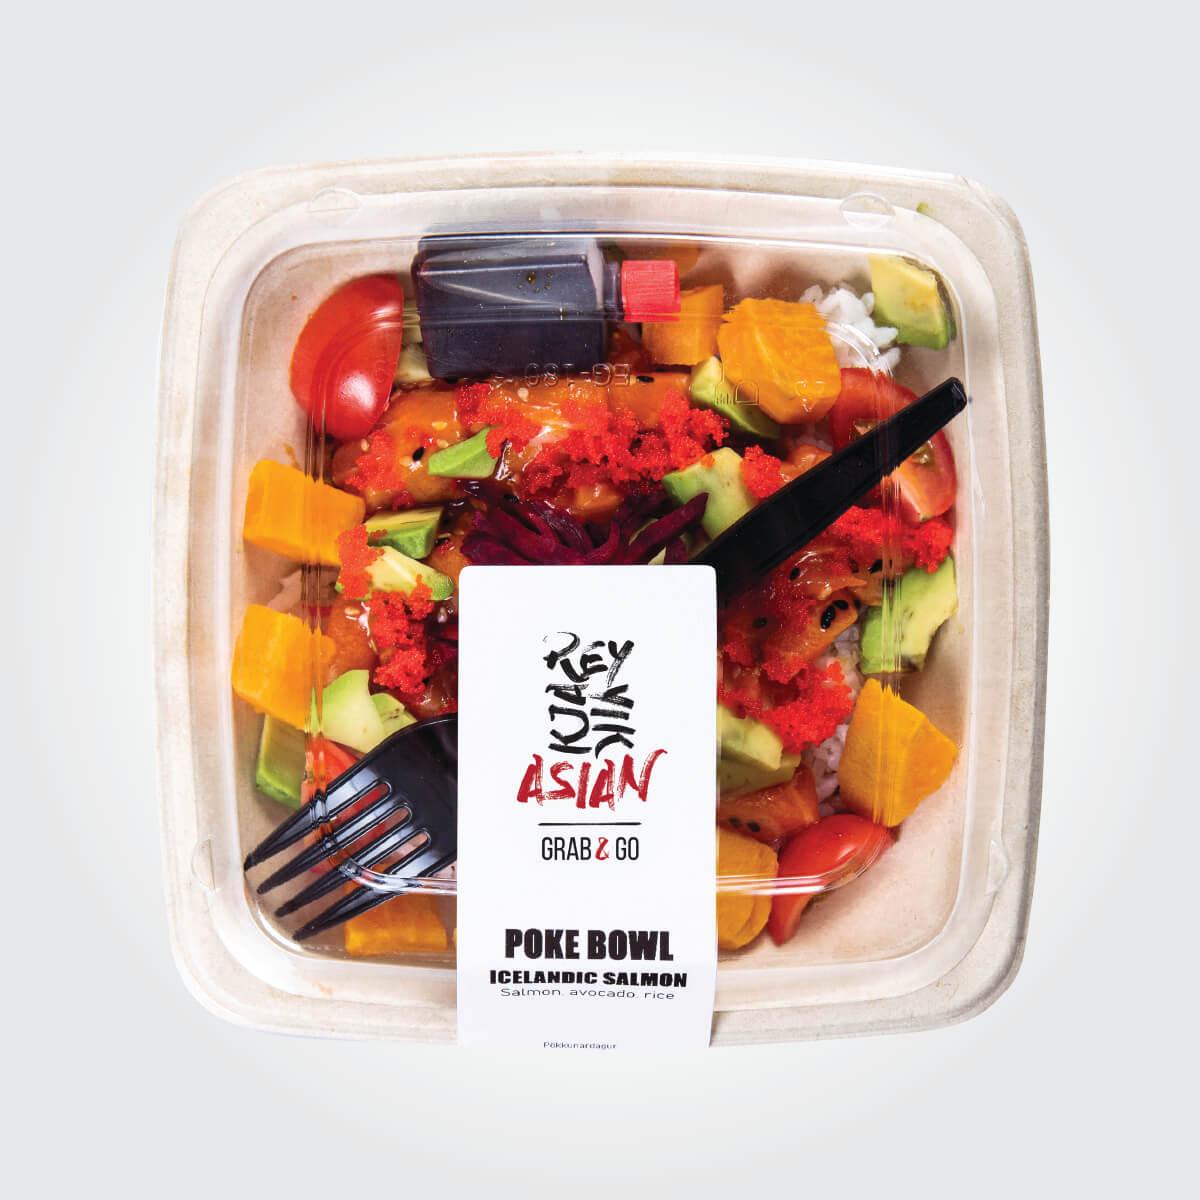 Poke bowl - Salmon - Reykjavík Asian